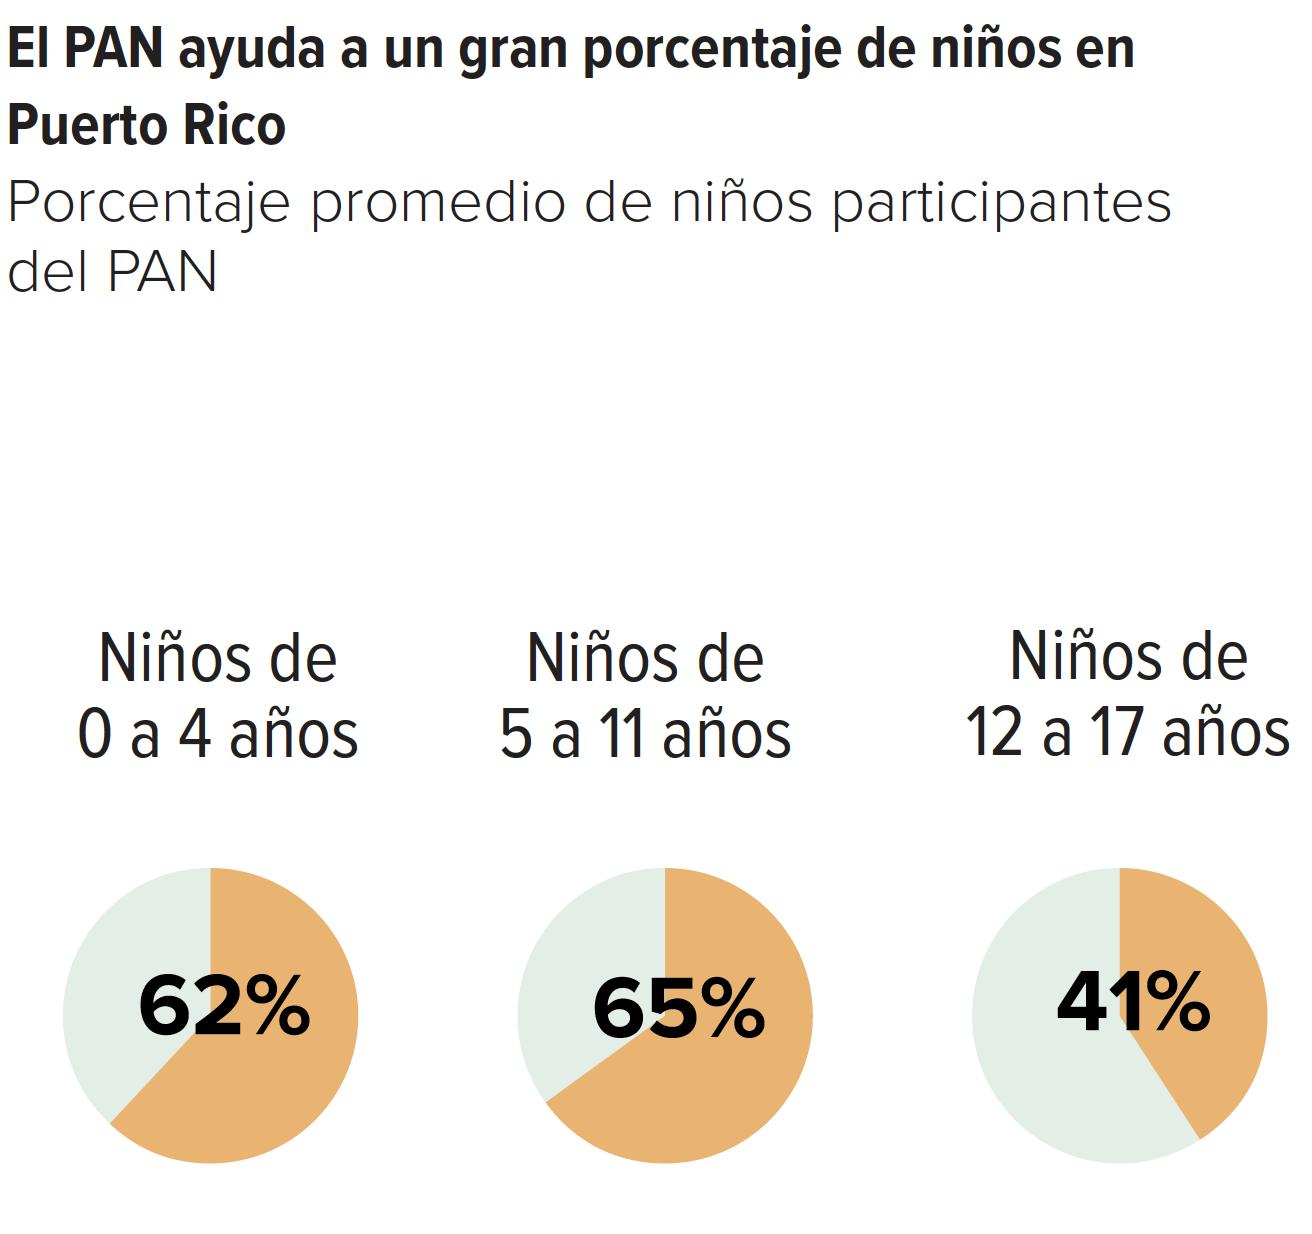 El PAN ayuda a un gran porcentaje de niños en Puerto Rico